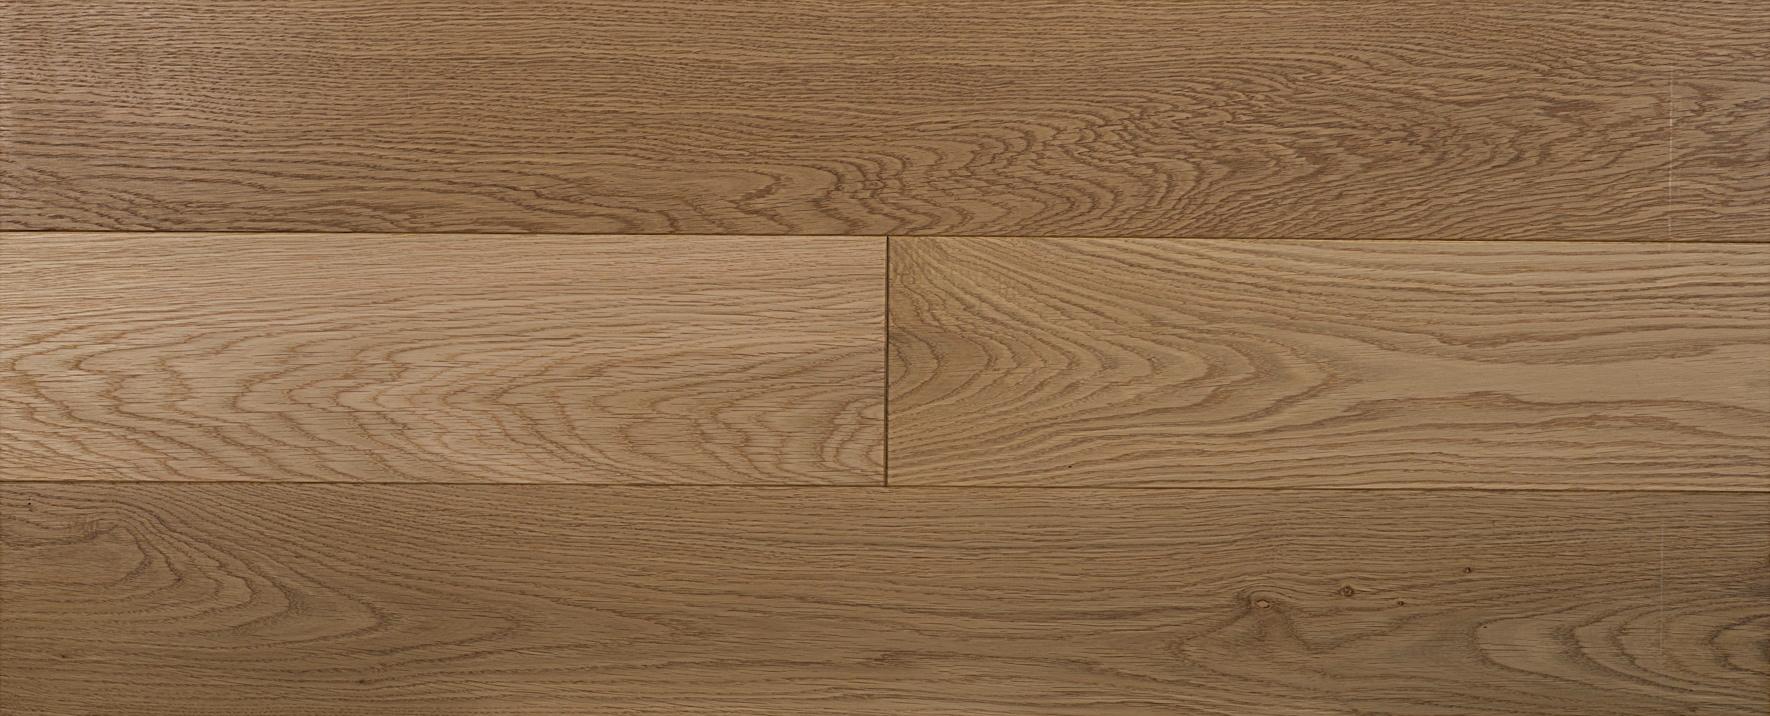 Галерея Дуб элеганс, гладкая поверхность